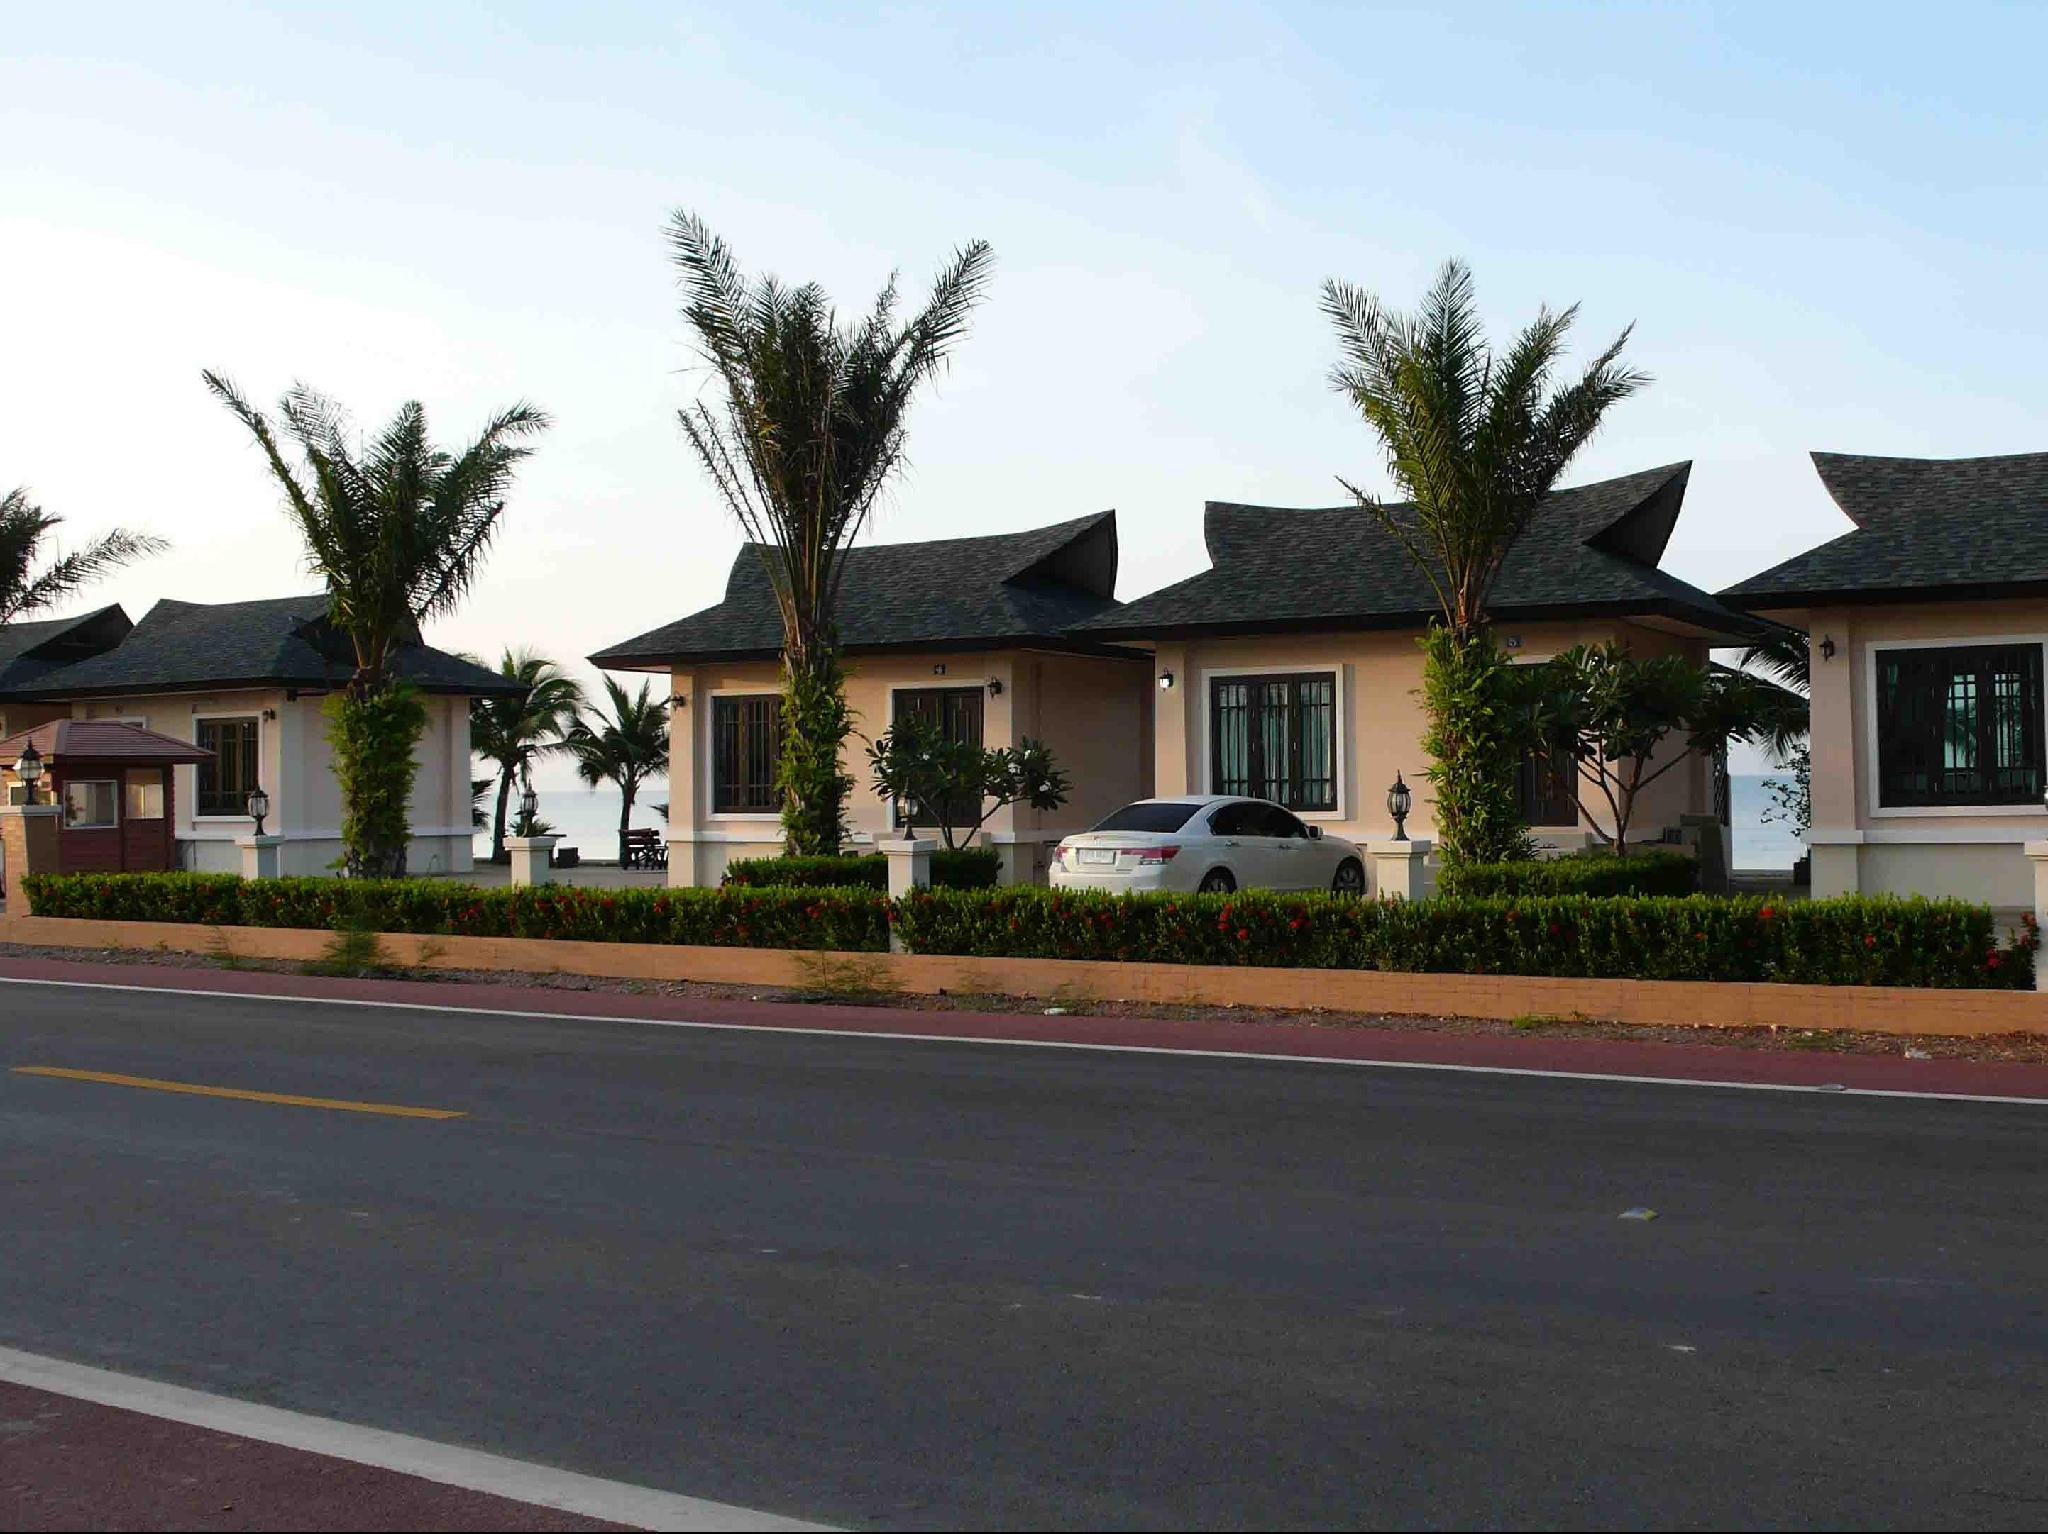 海滨蓝色小屋酒店,บ้านฟ้าทะเลจันท์